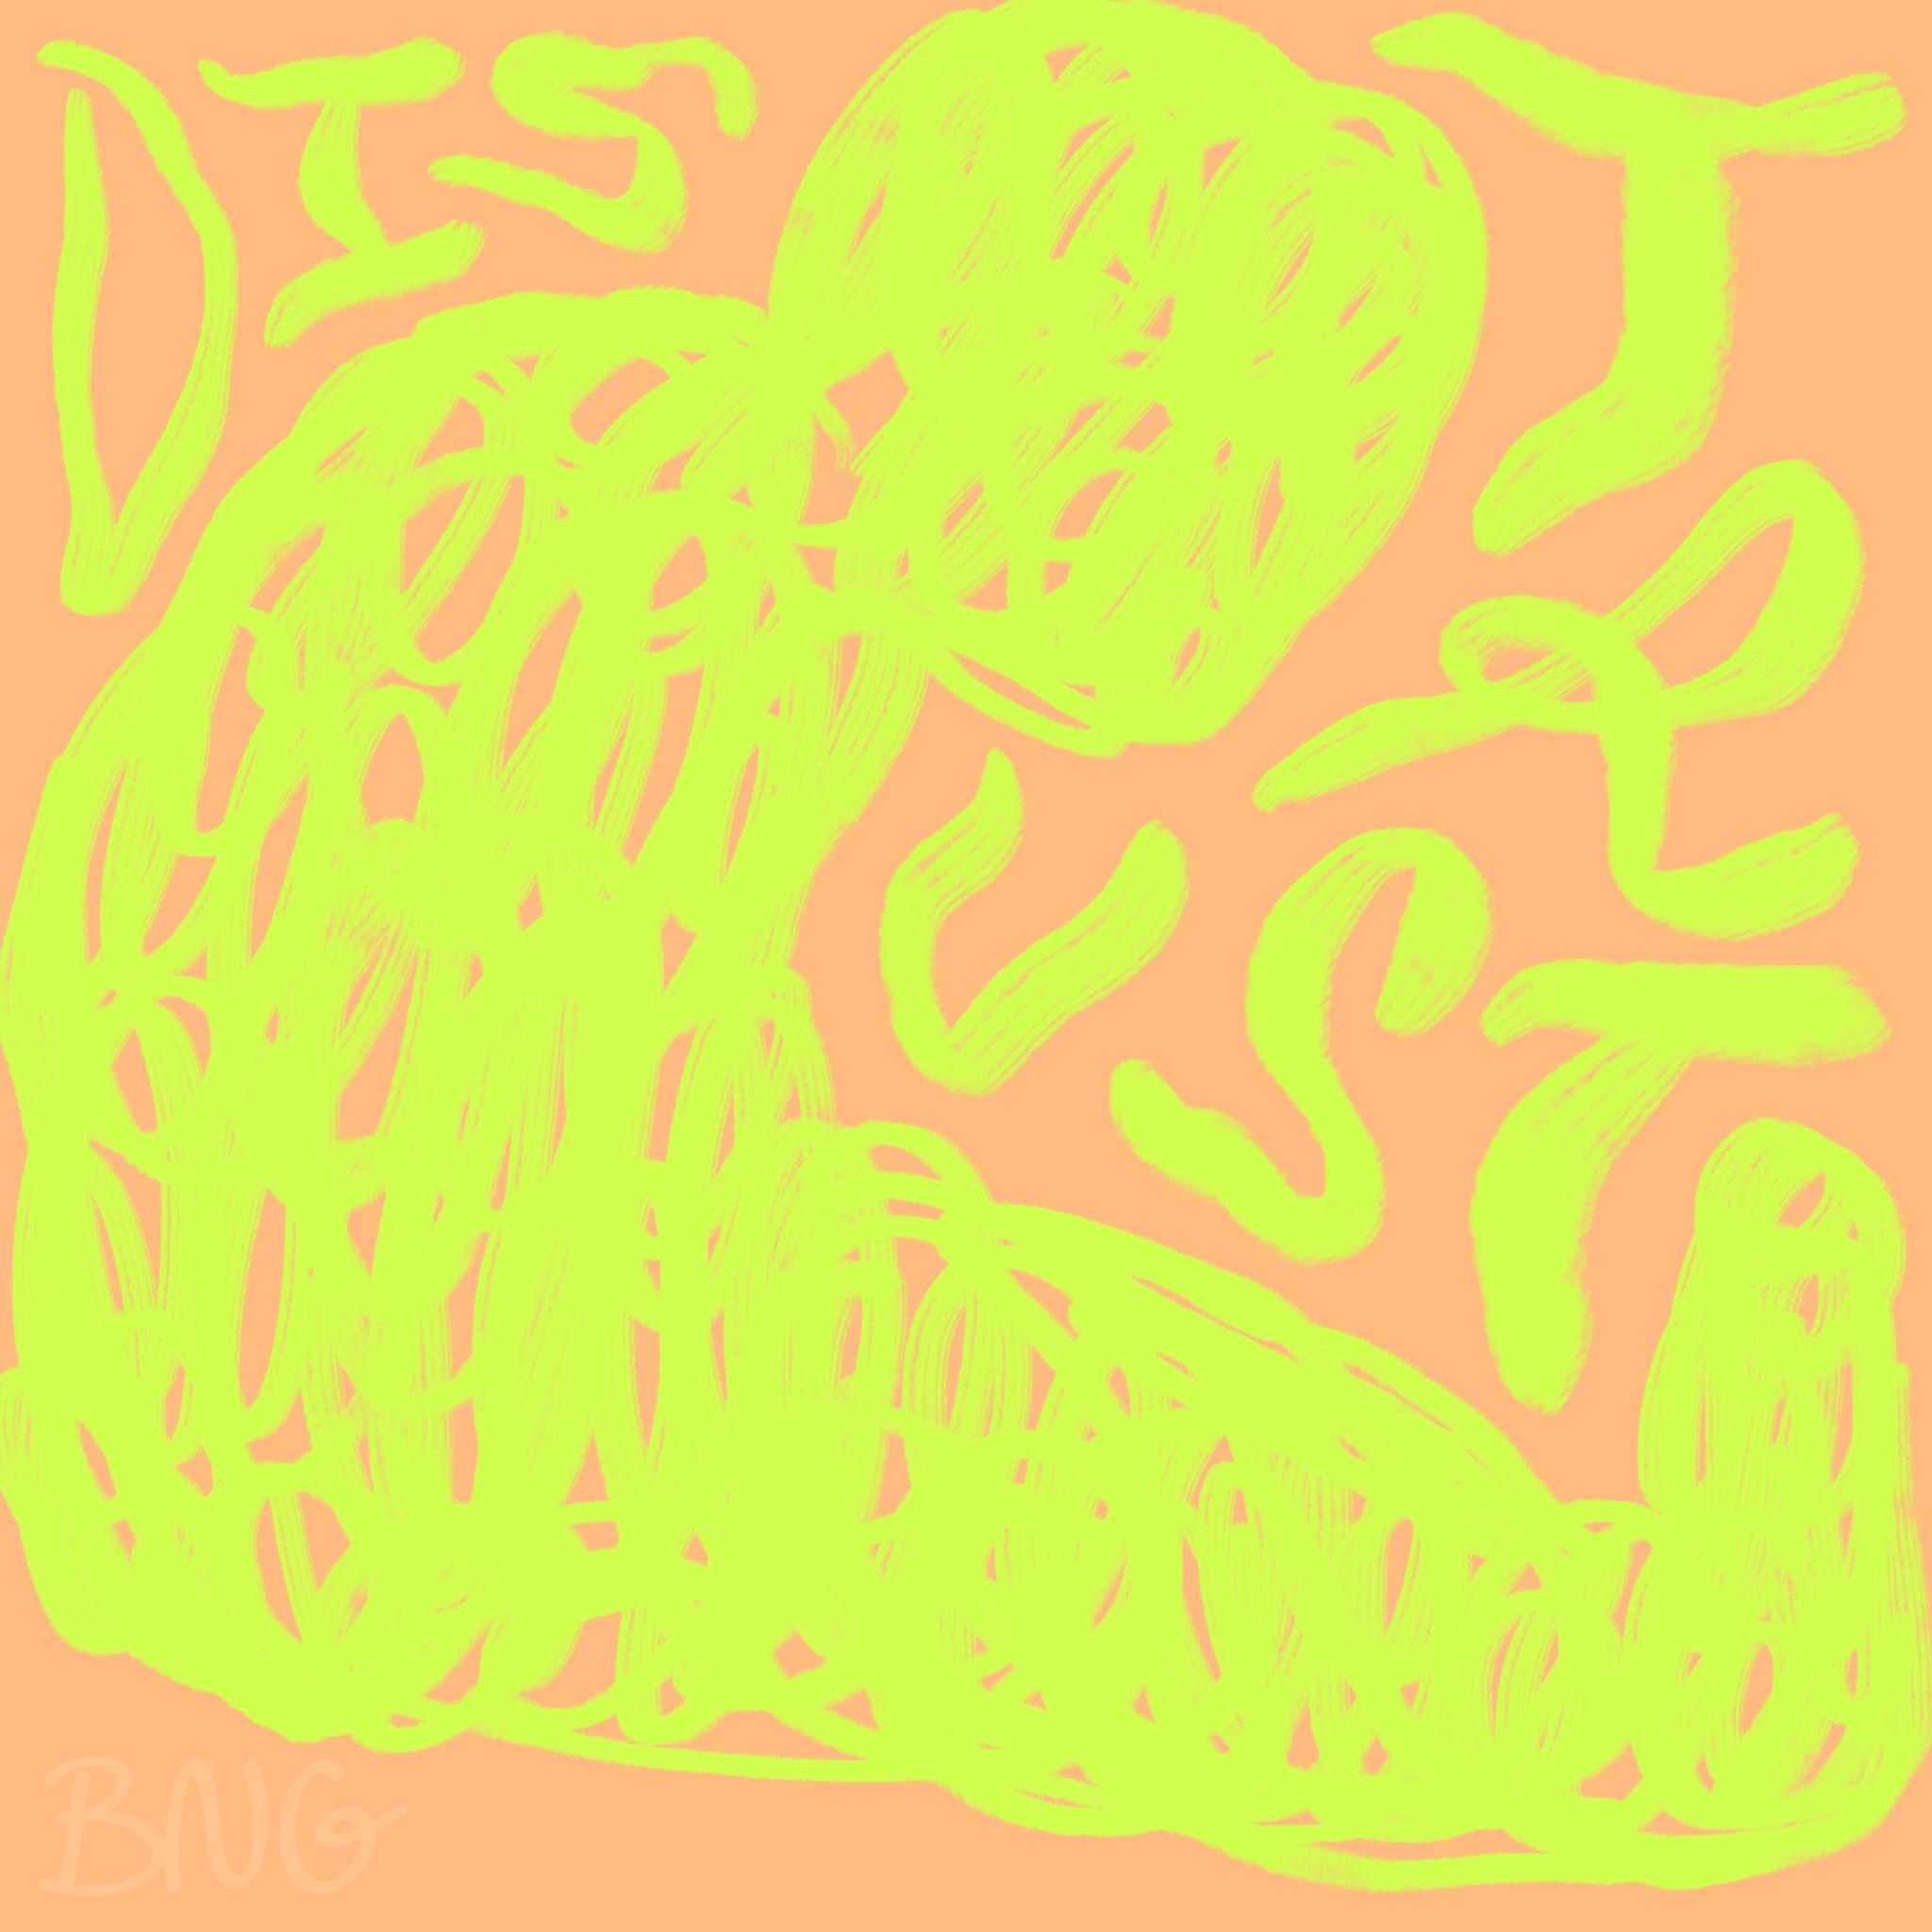 05_Art_050219_3